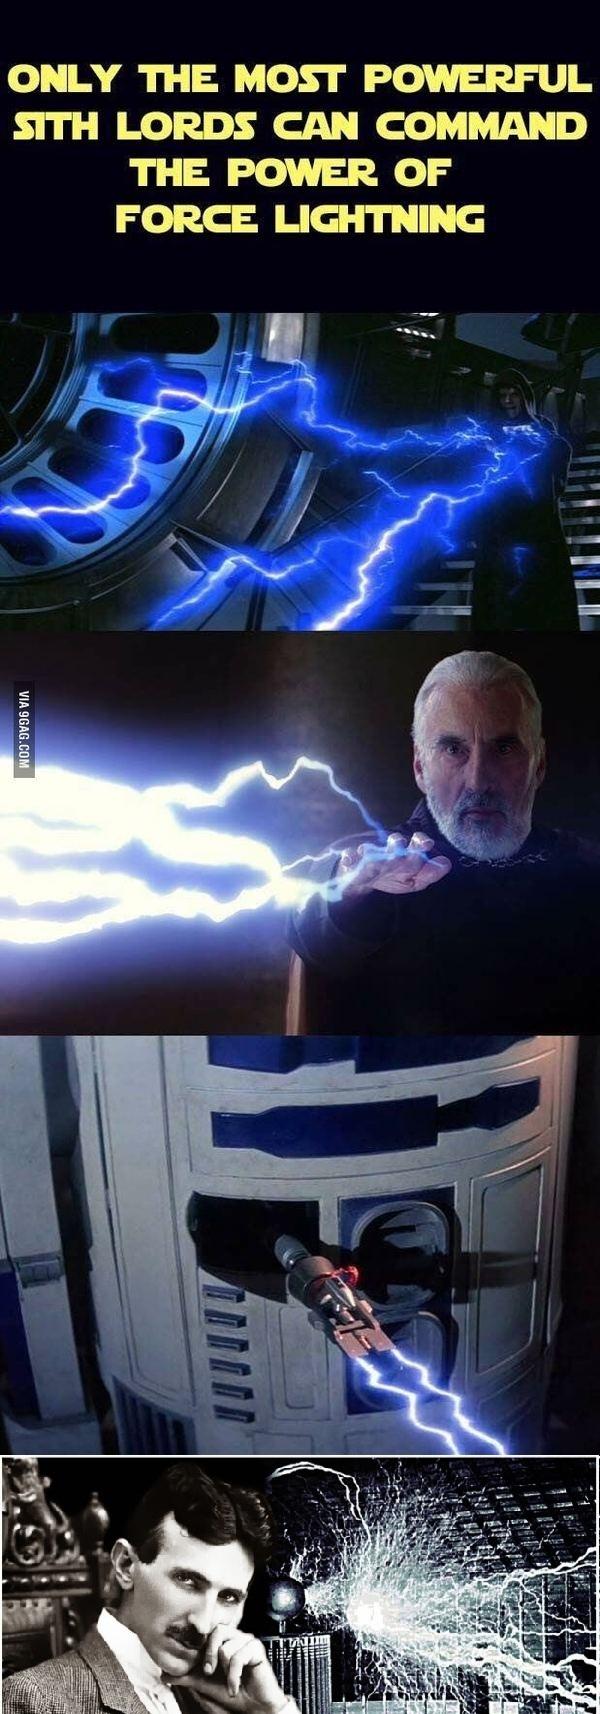 """В догонку к посту """"Только сильнейший Лорд Ситхов может управлять силой молний"""" Star wars, Никола Тесла, Ситхи, R2D2, Длиннопост"""